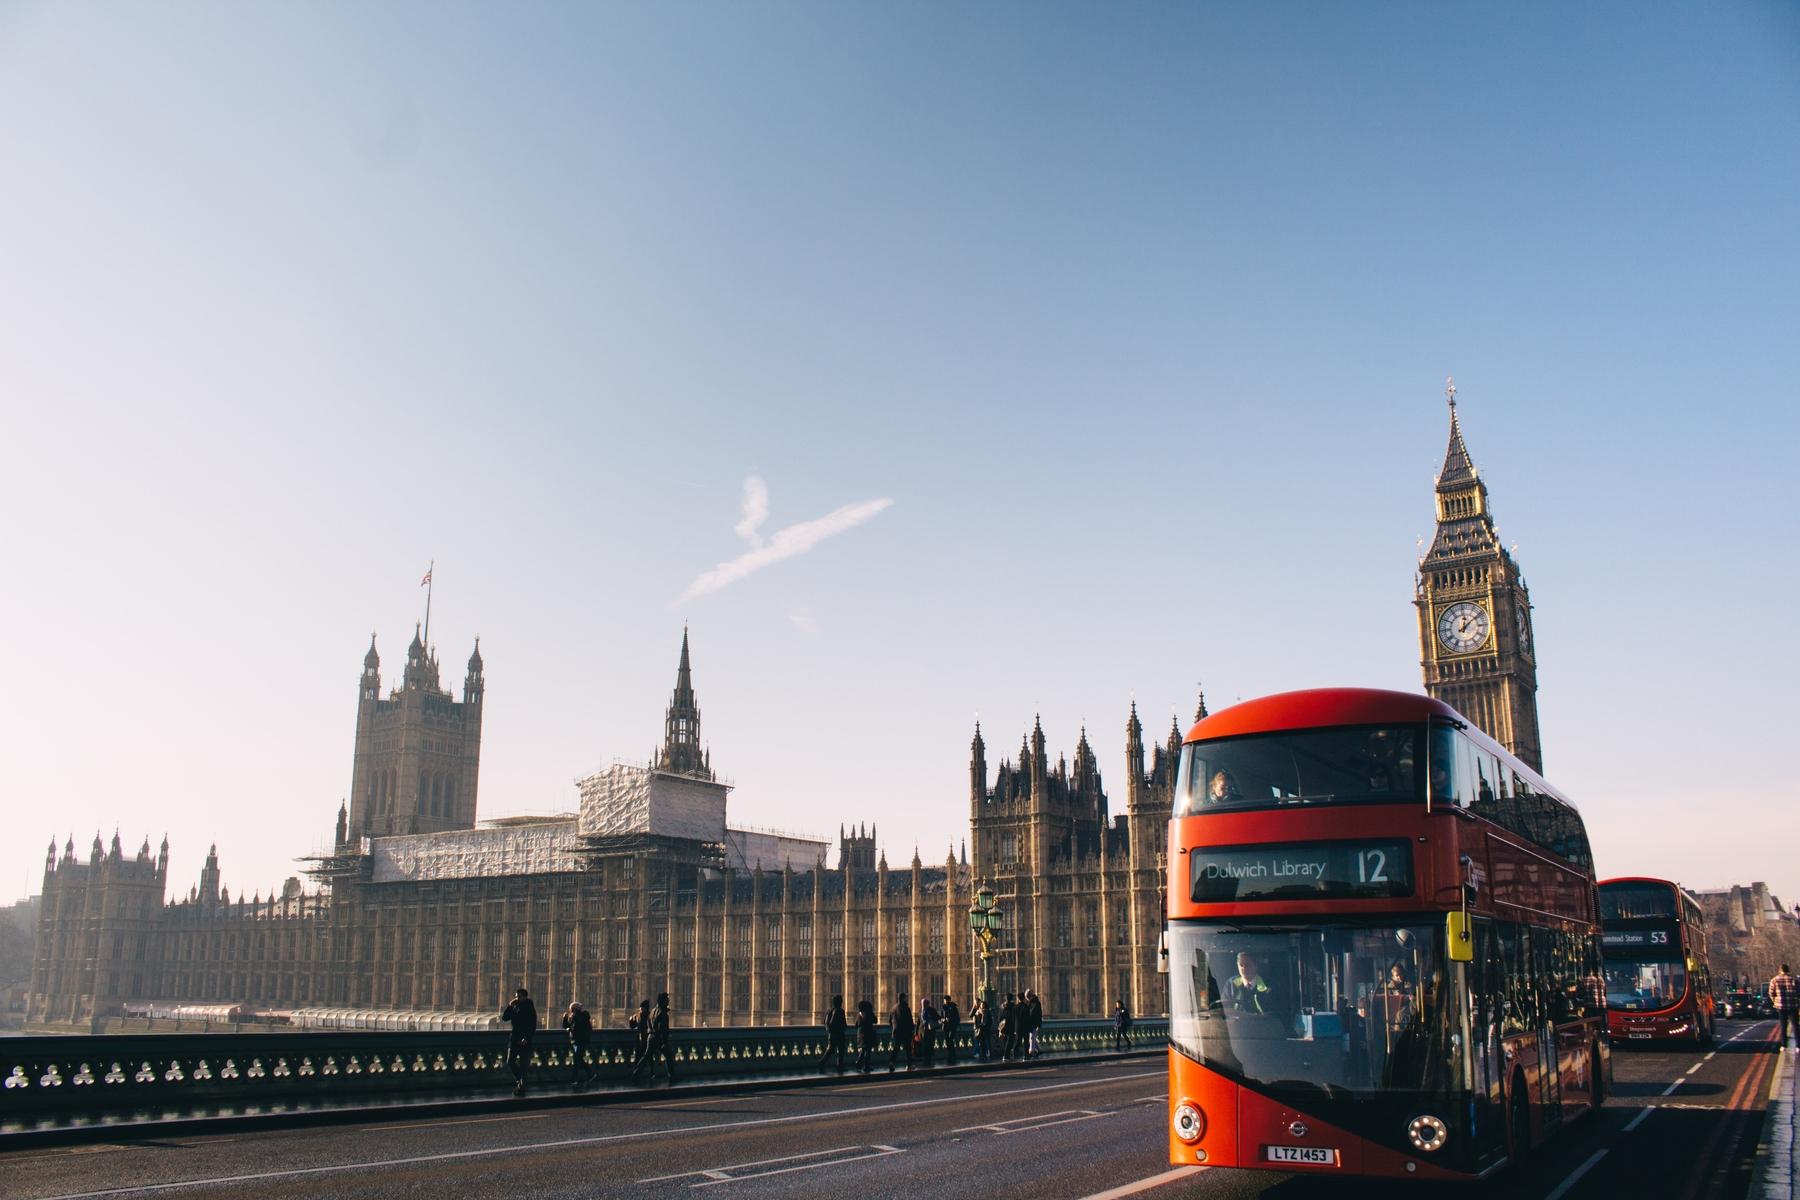 Visiter Londres, deviendra-t-il plus difficile après le Brexit ?